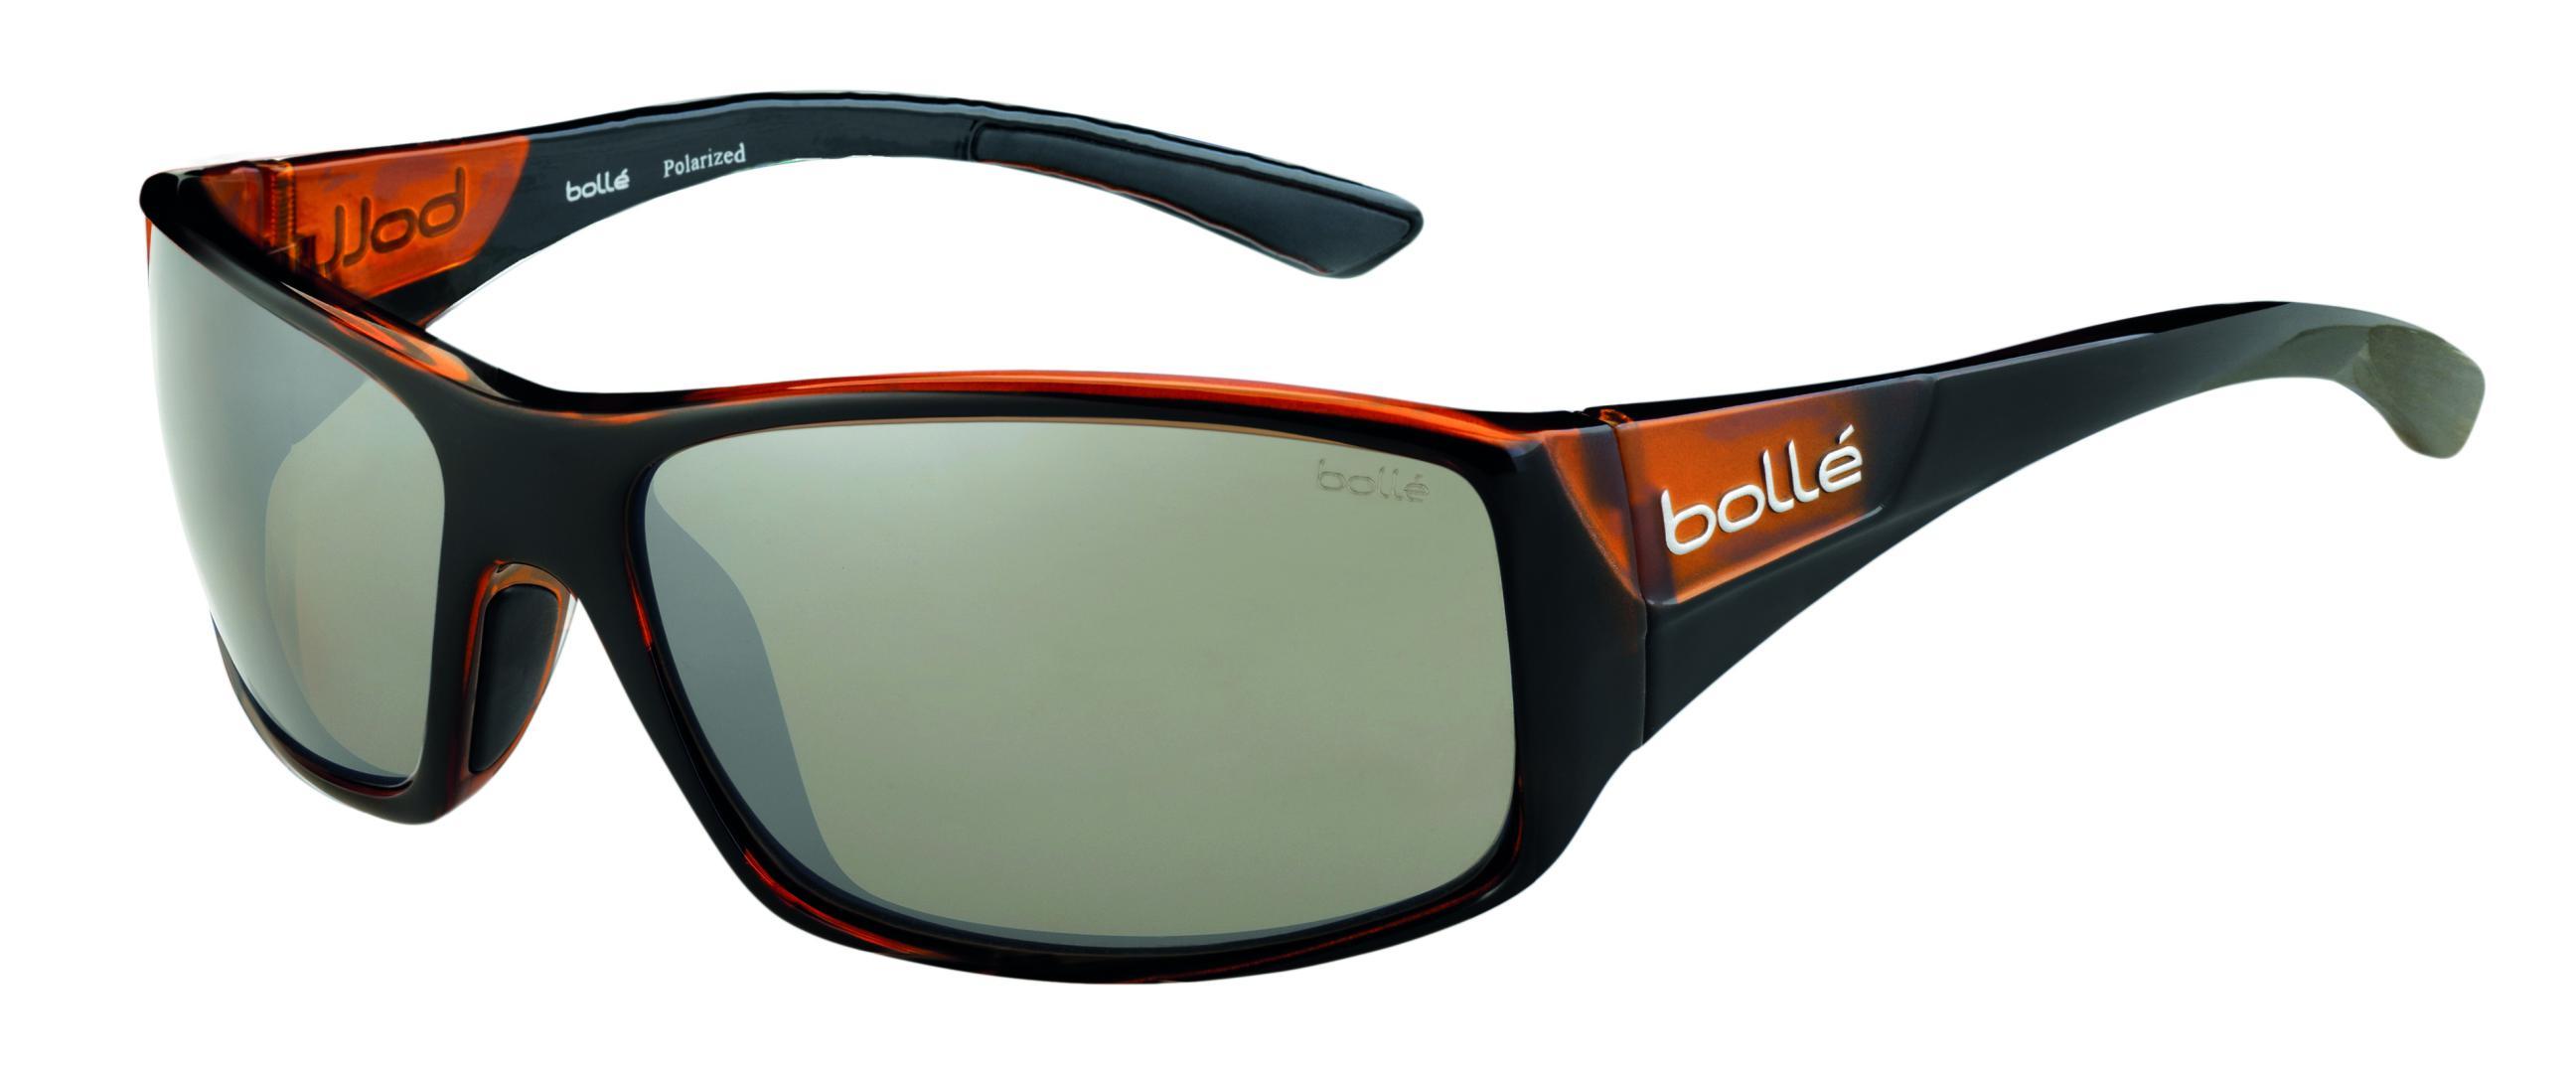 Bolle Kingsnake 11992 Sonnenbrille Sportbrille HyVyZ